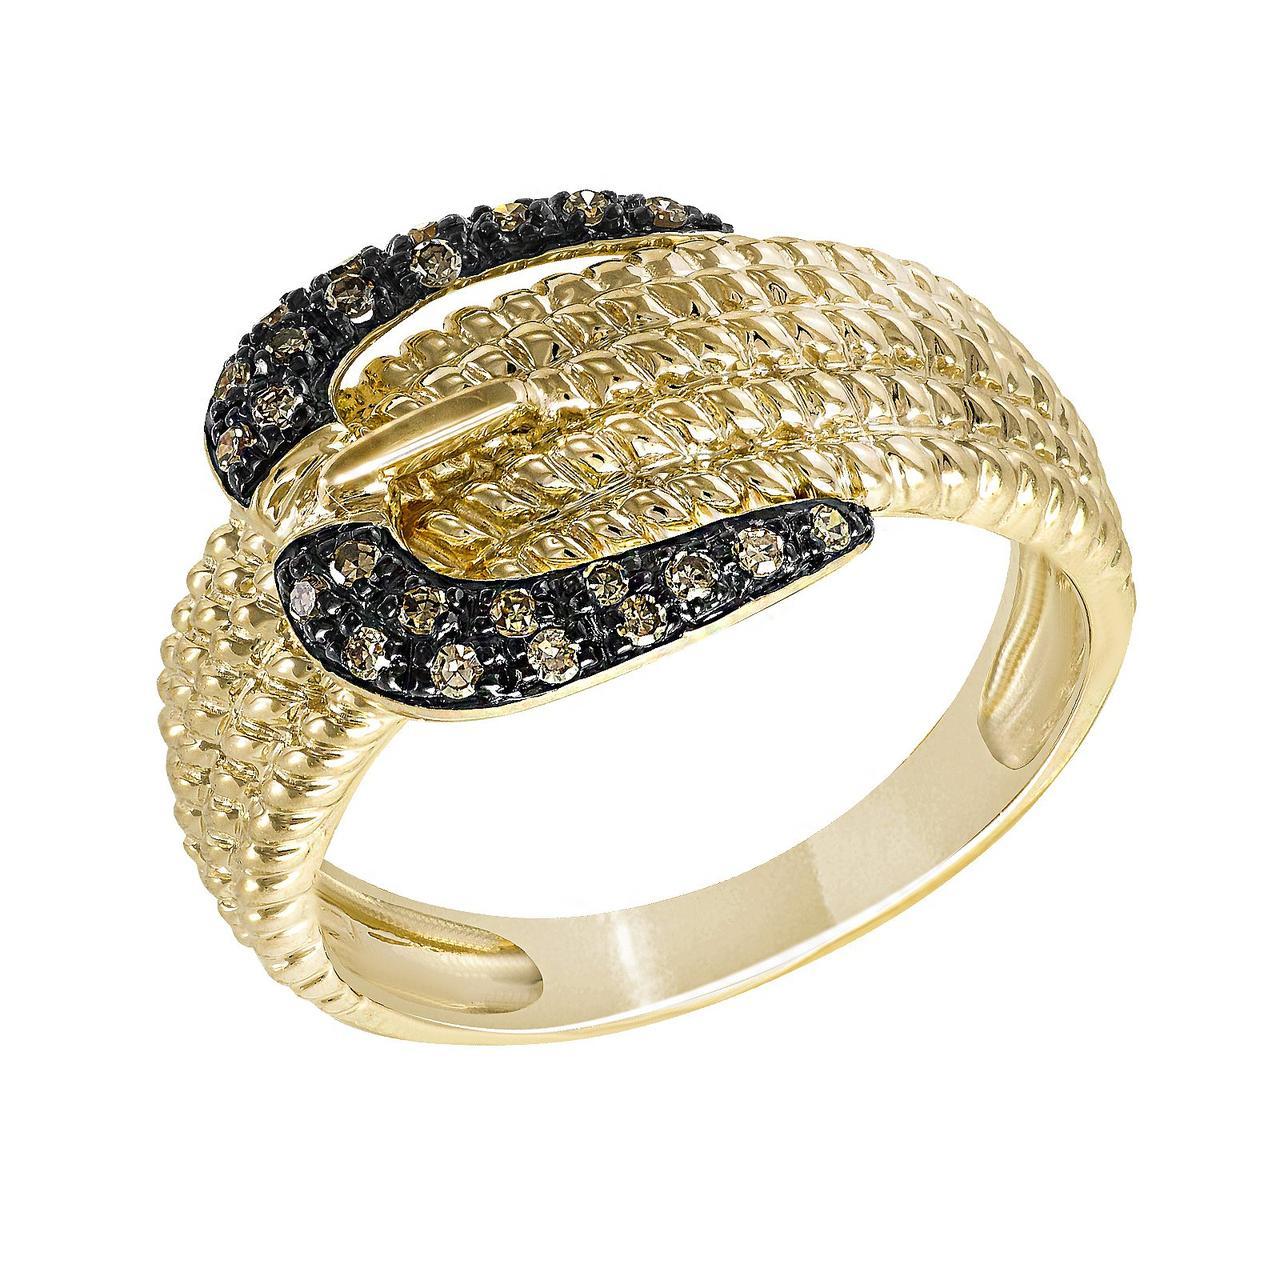 Золотое кольцо с бриллиантами, размер 18.5 (1627841)